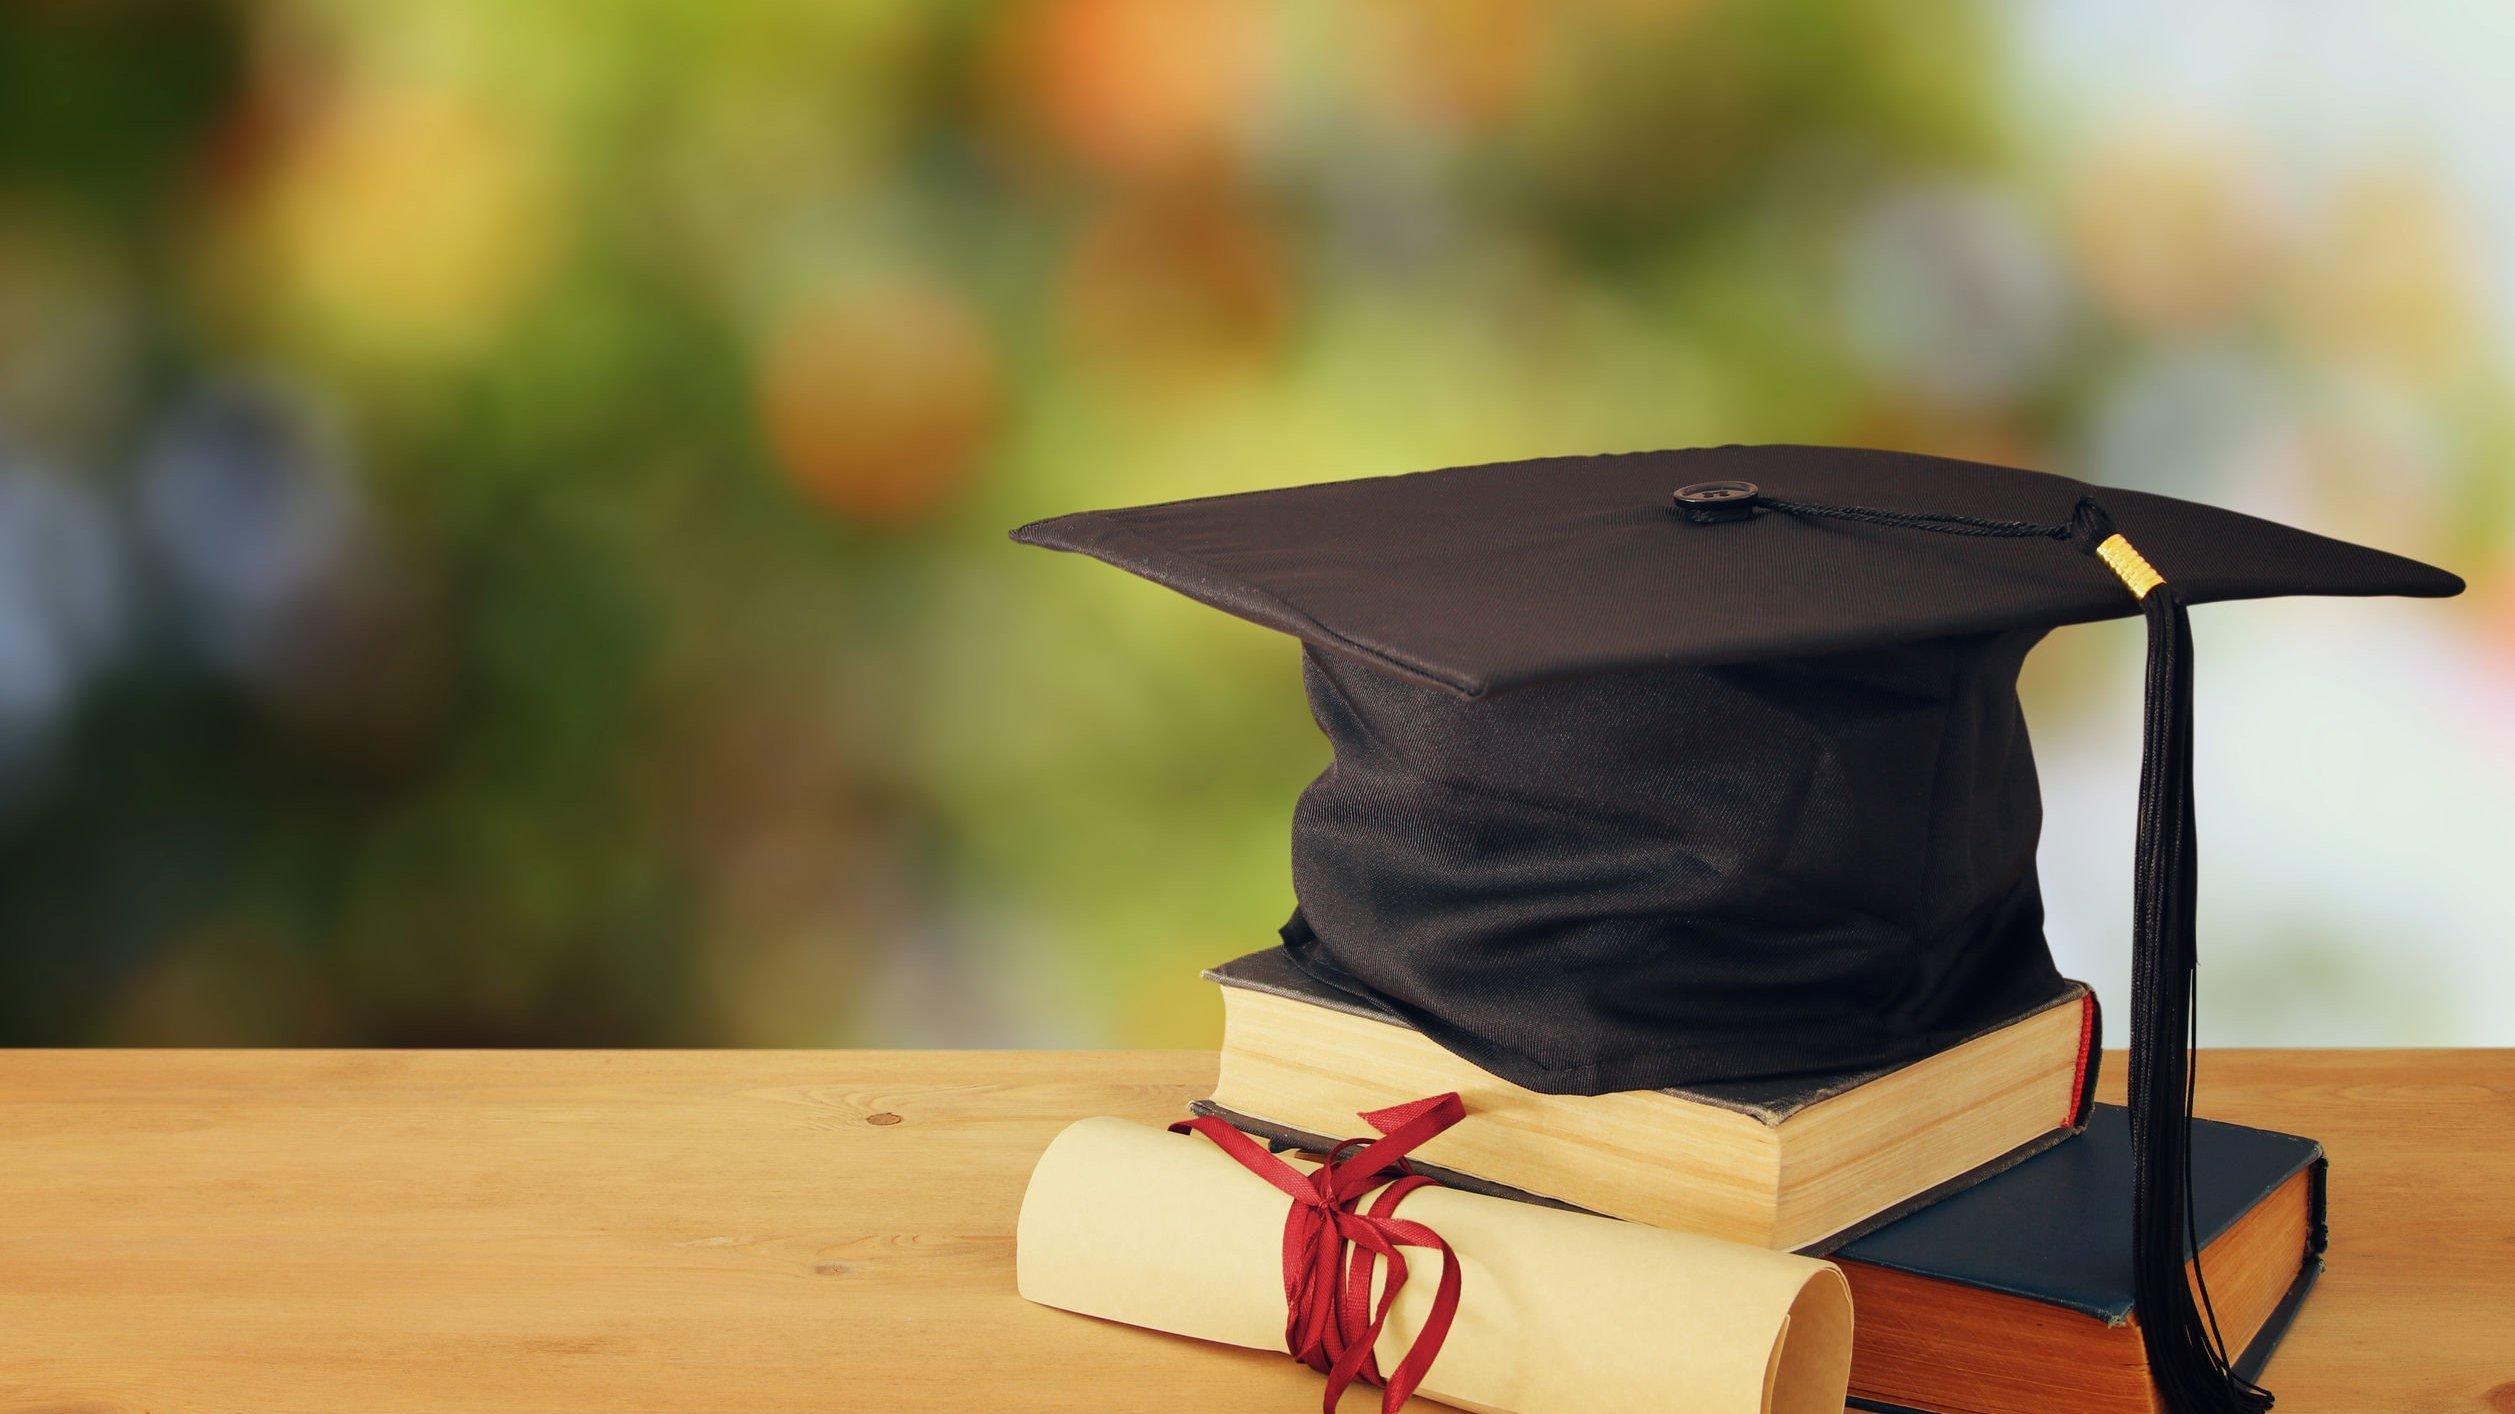 Chapéu de formatura em cima de livros e ao lado do canudo com certificado